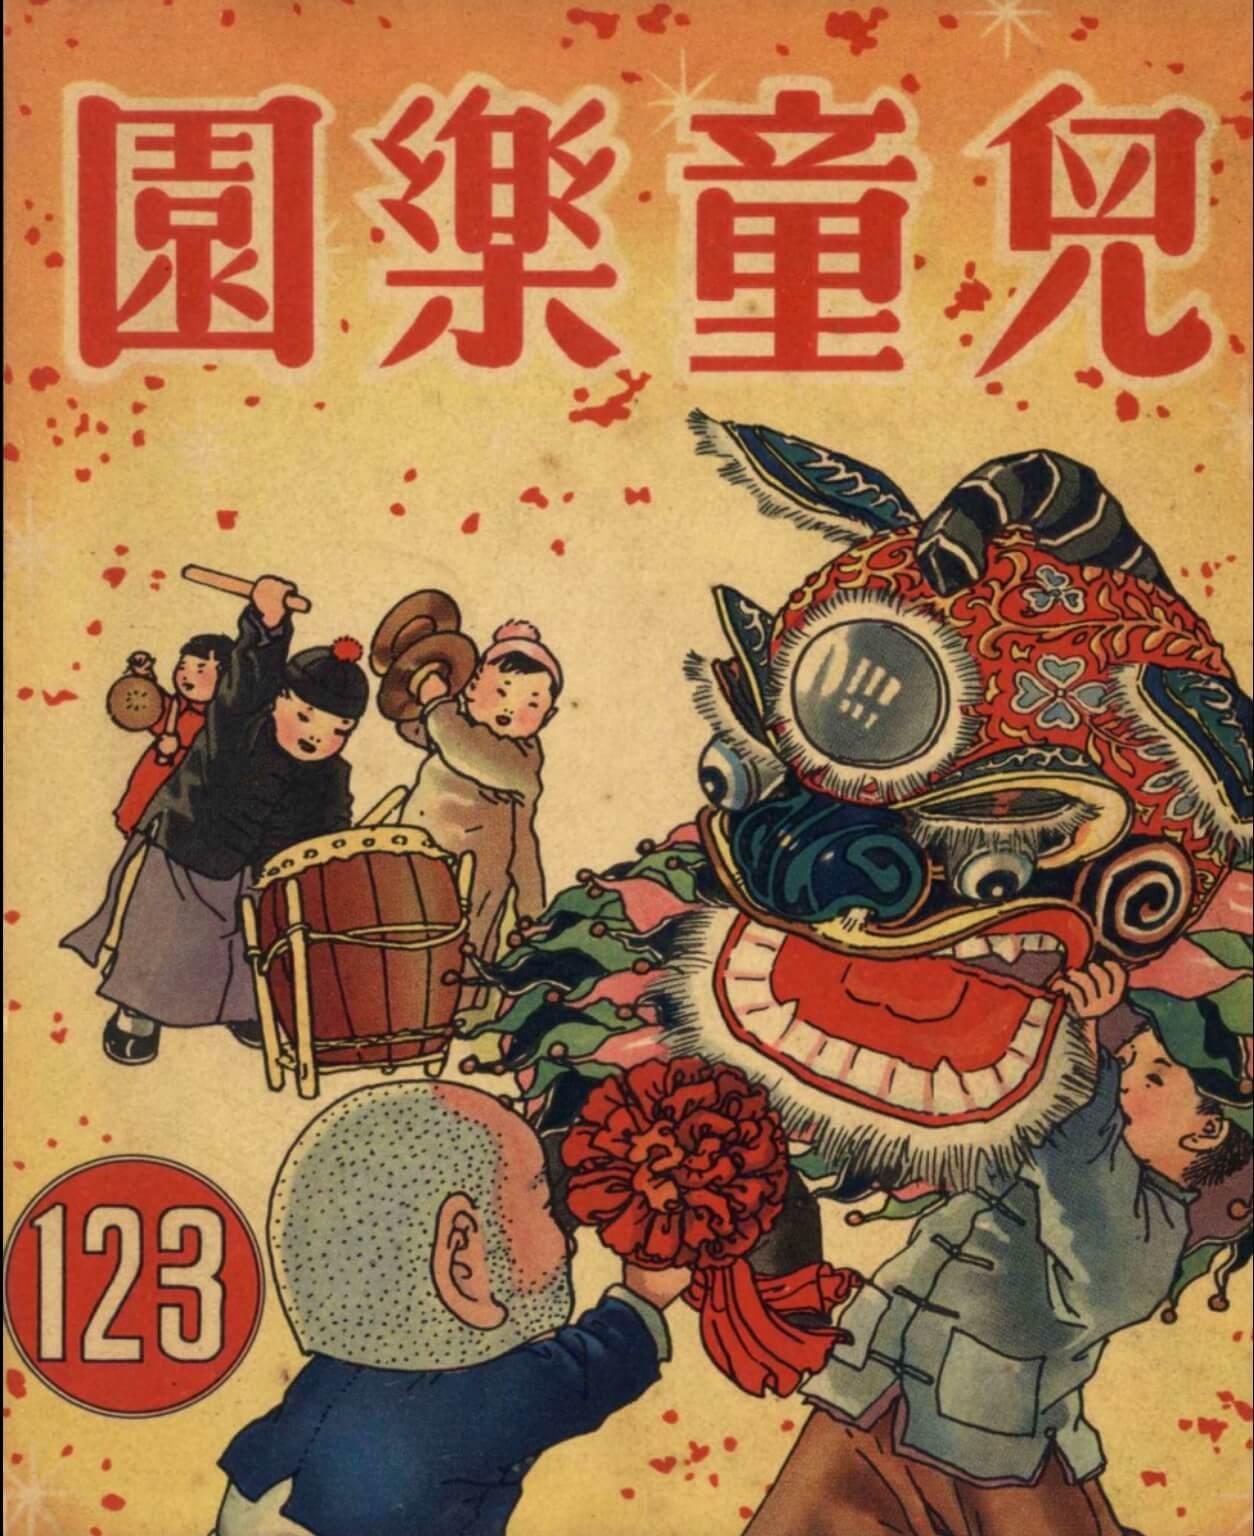 戲獅圖 1958年